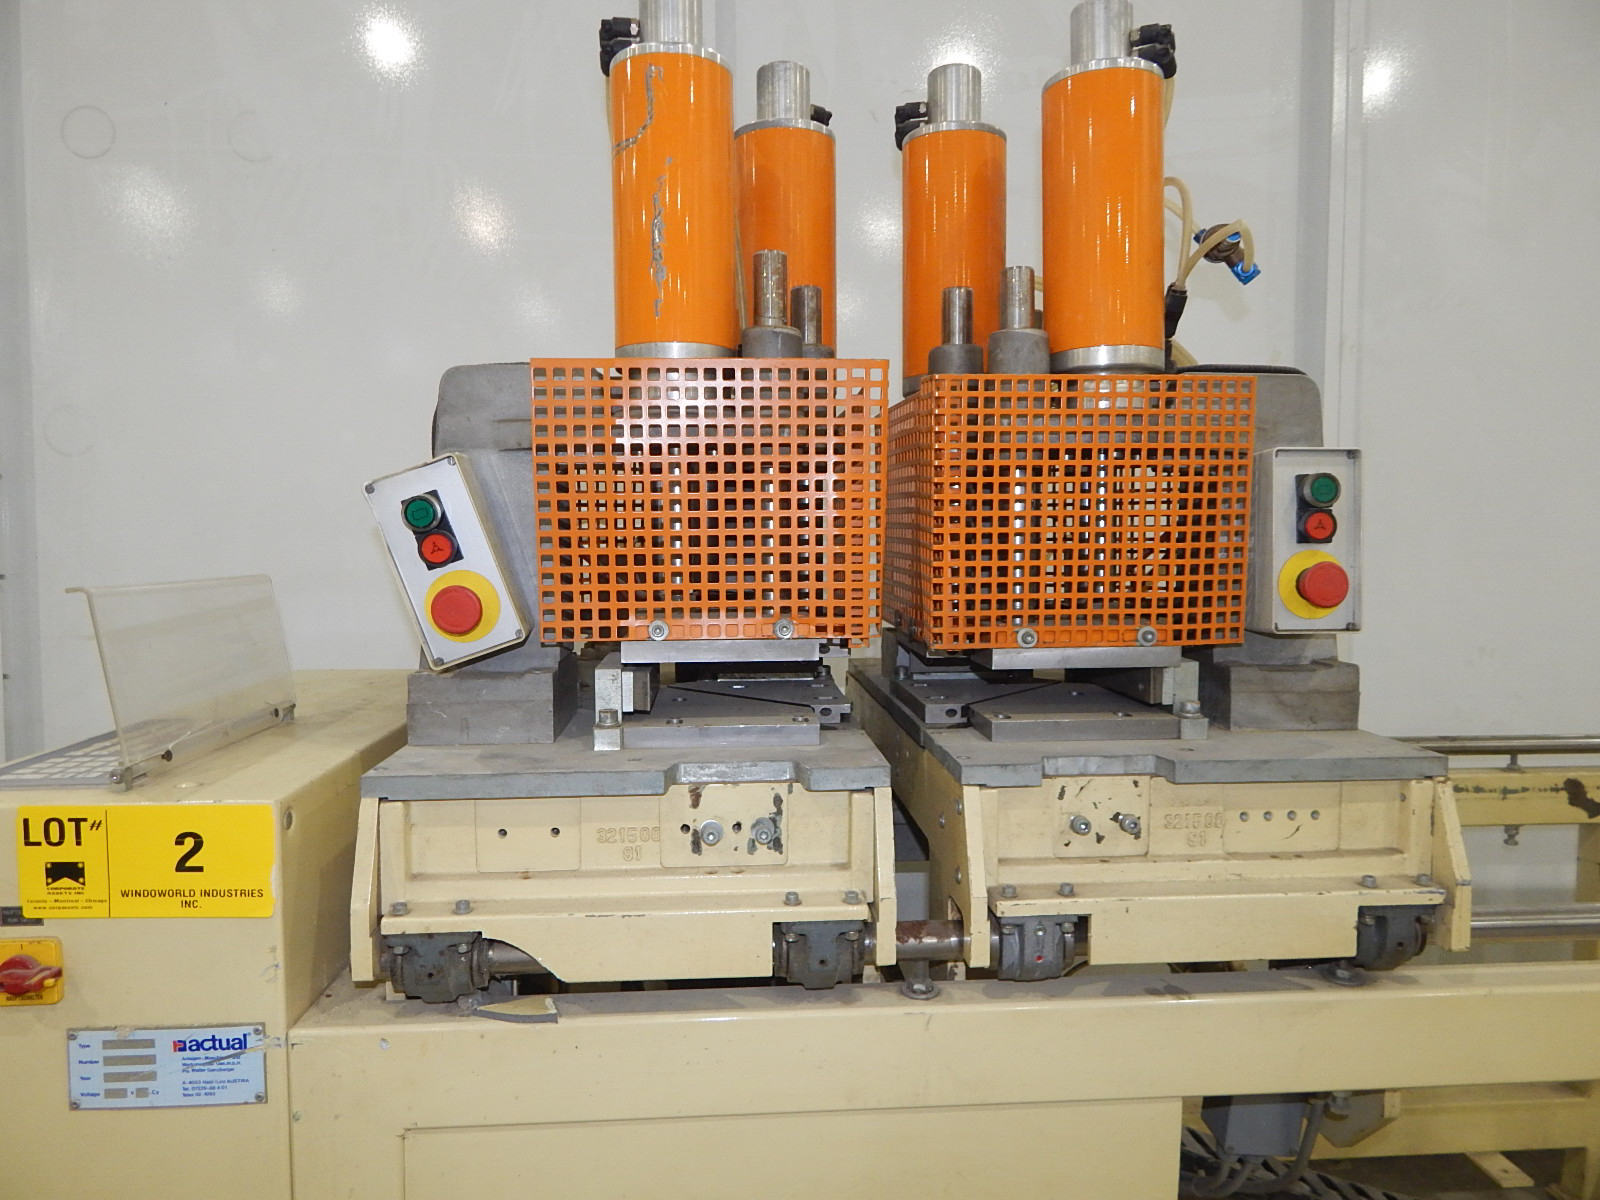 ACTUAL ANLANGEN A 312 S 90 TWIN HEAD 90 DEGREE CORNER WELDERS WITH ACTUAL AC 6700 DIGITAL - Image 3 of 5